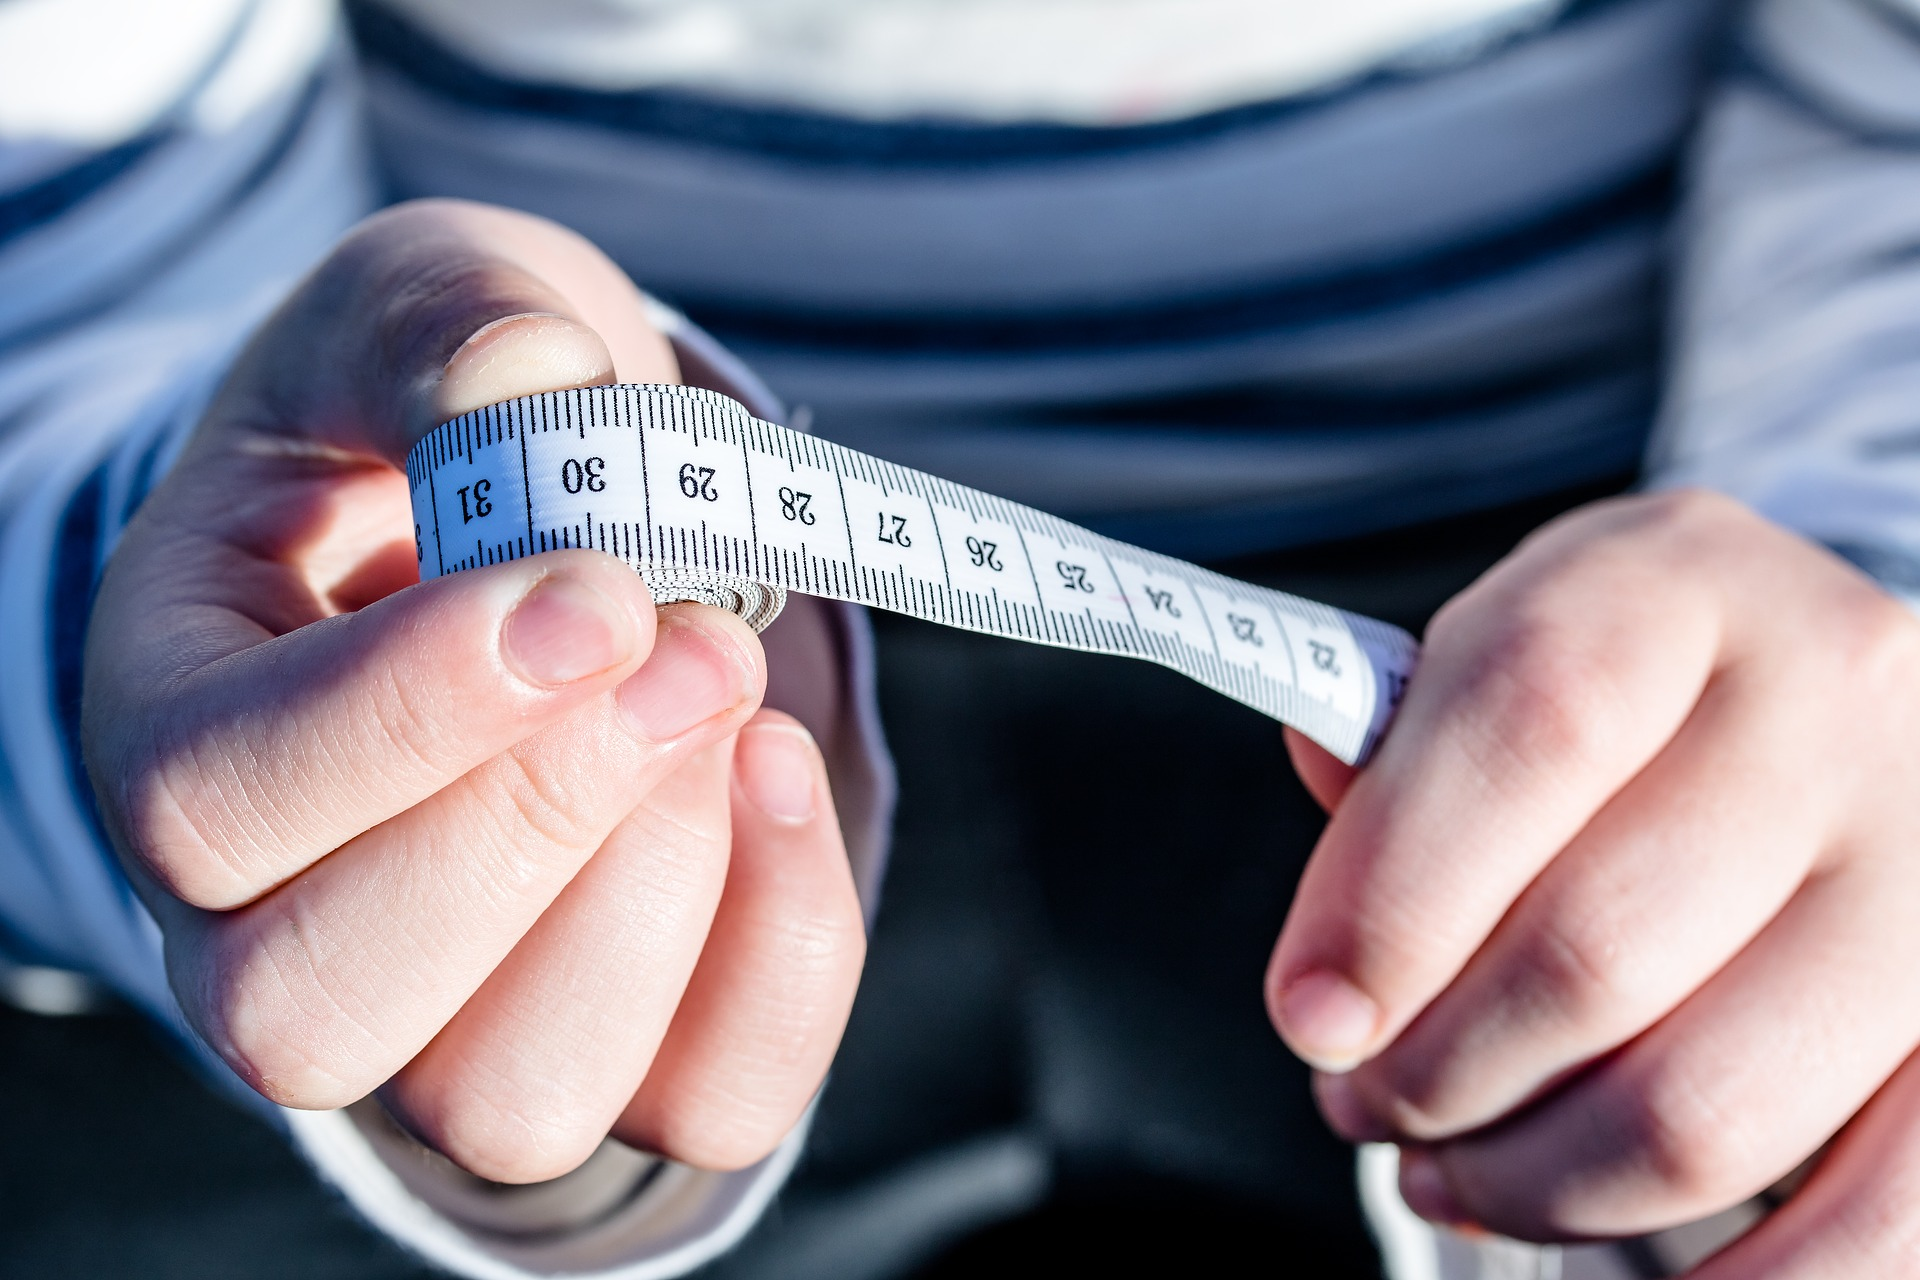 lihavuus on oire ei sairaus